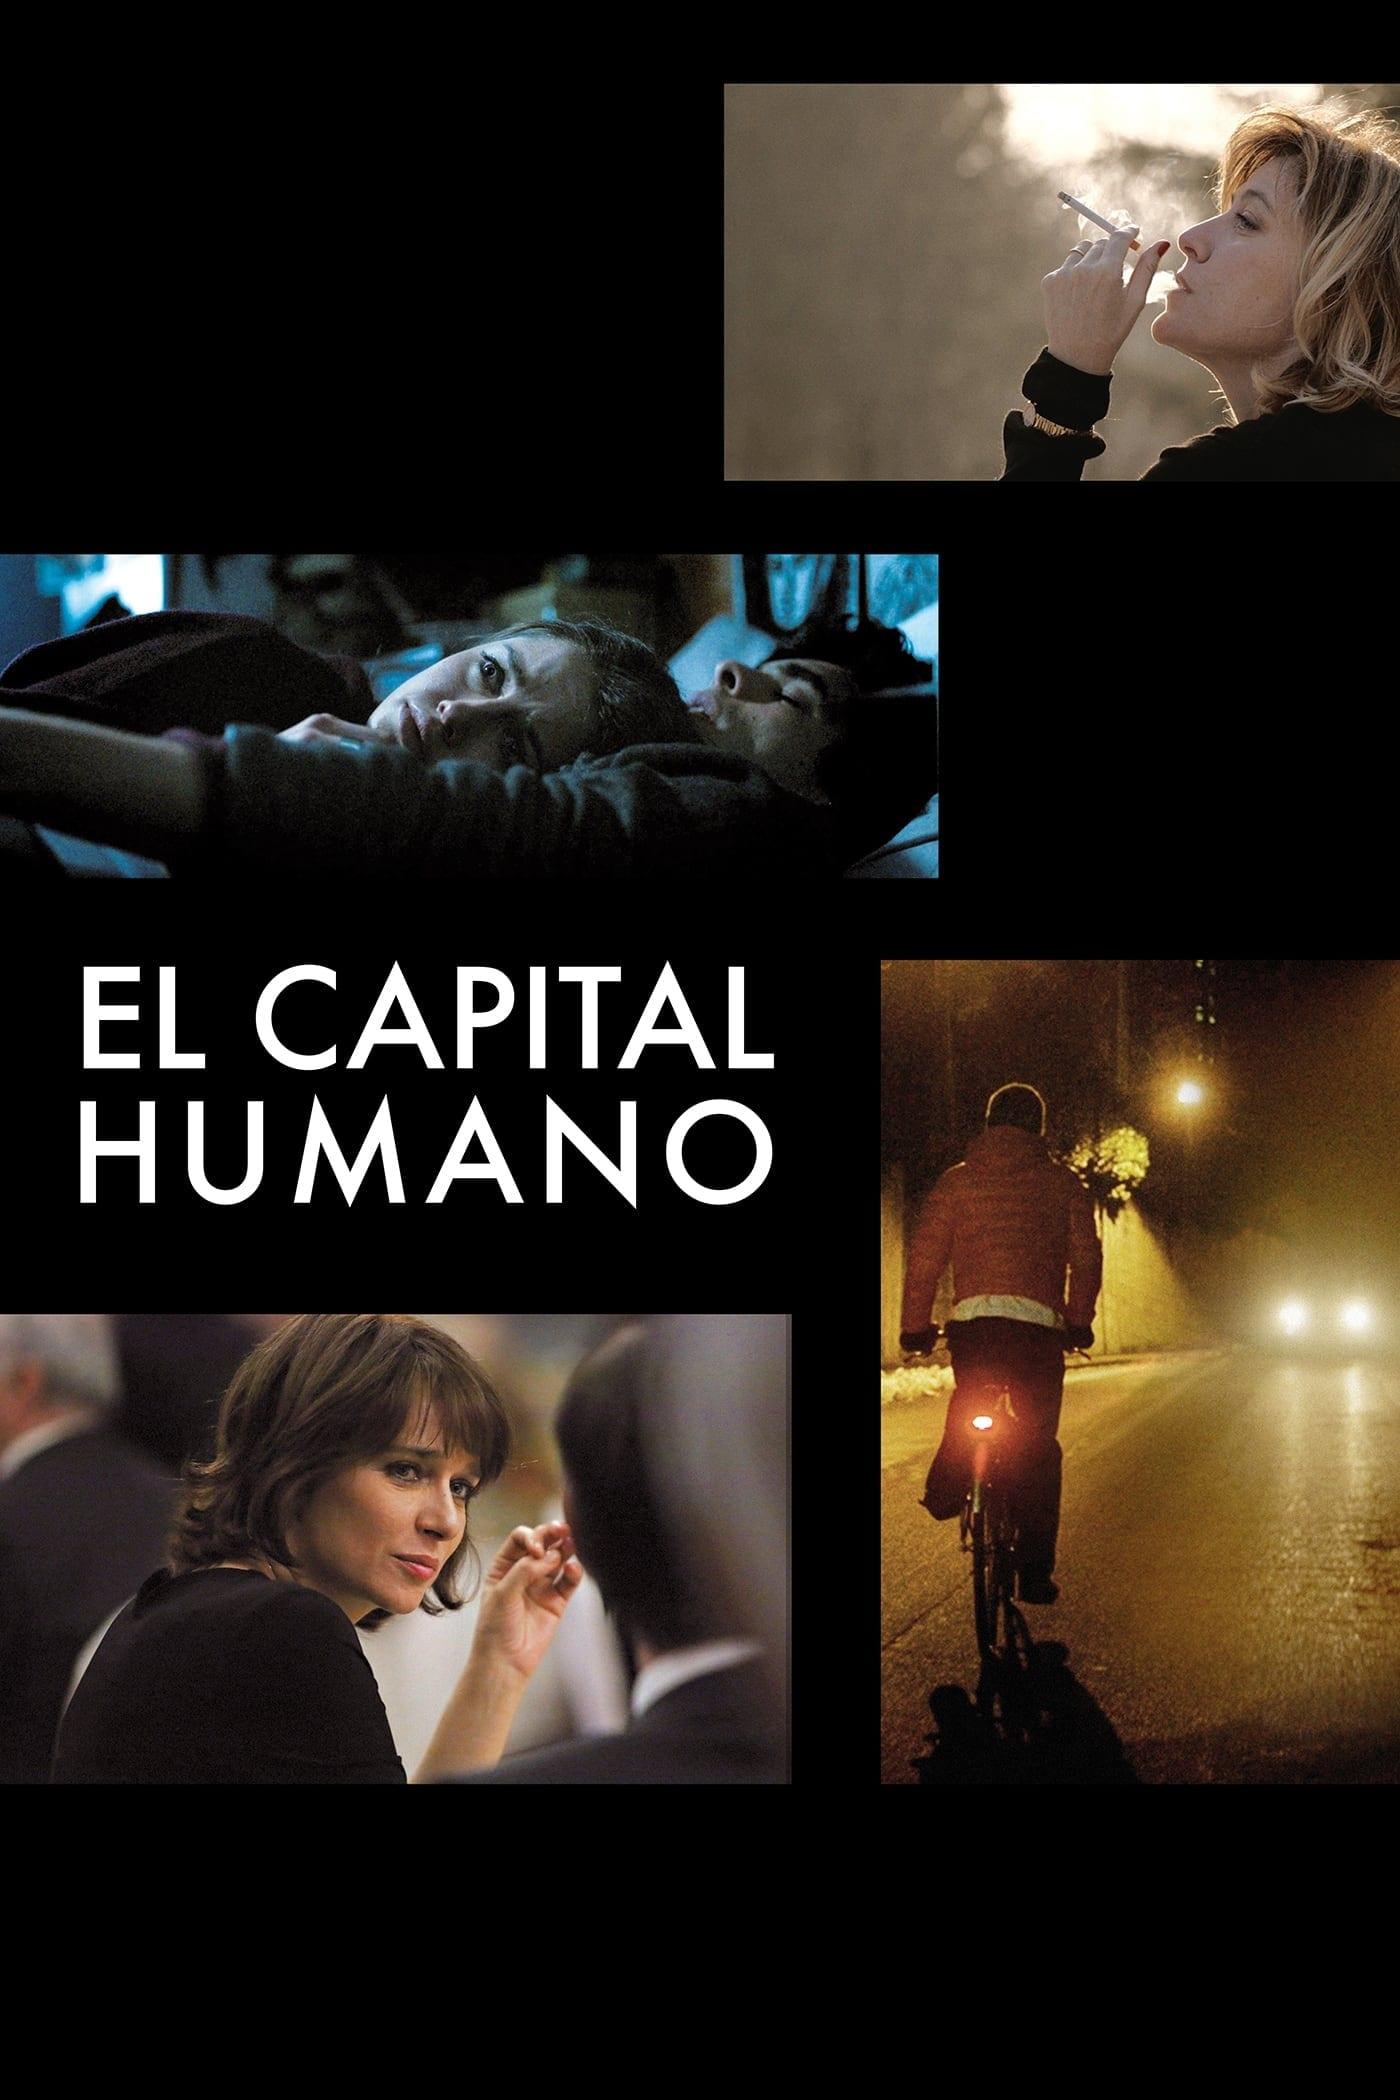 El capital humano poster